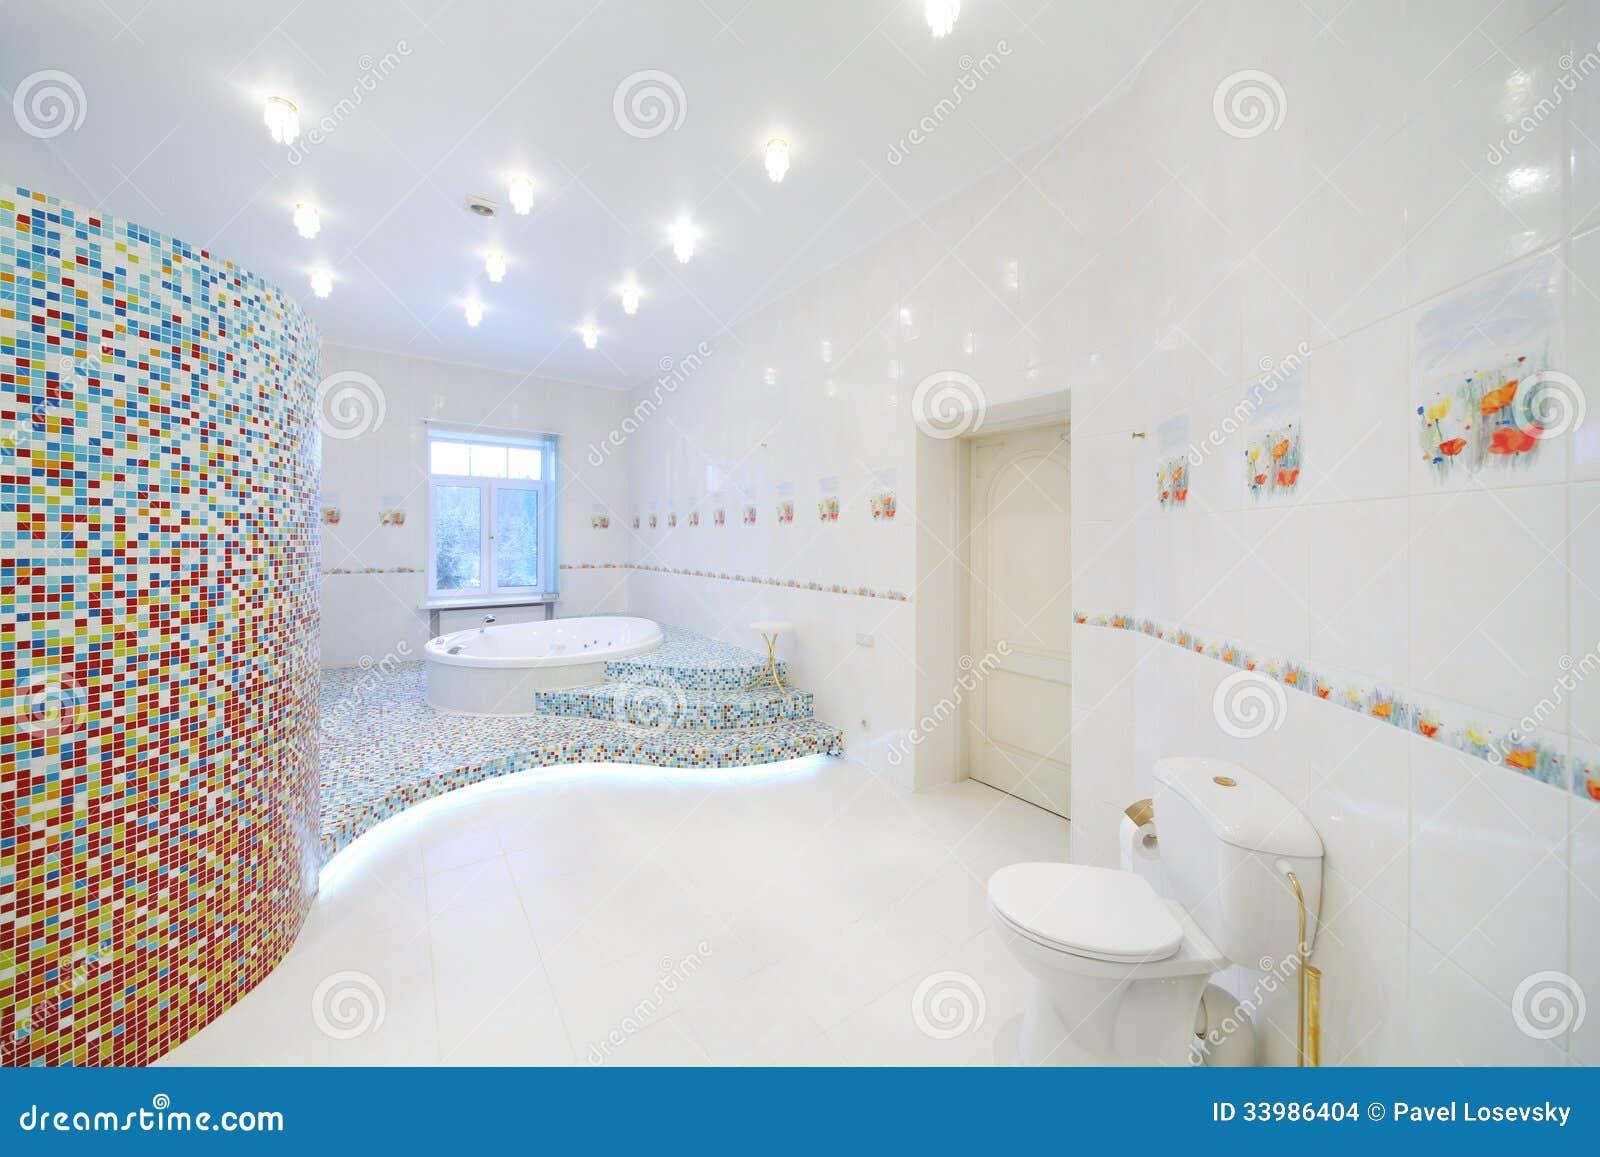 toilette et jacuzzi dans la salle de bains blanche spacieuse images stock image 33986404. Black Bedroom Furniture Sets. Home Design Ideas